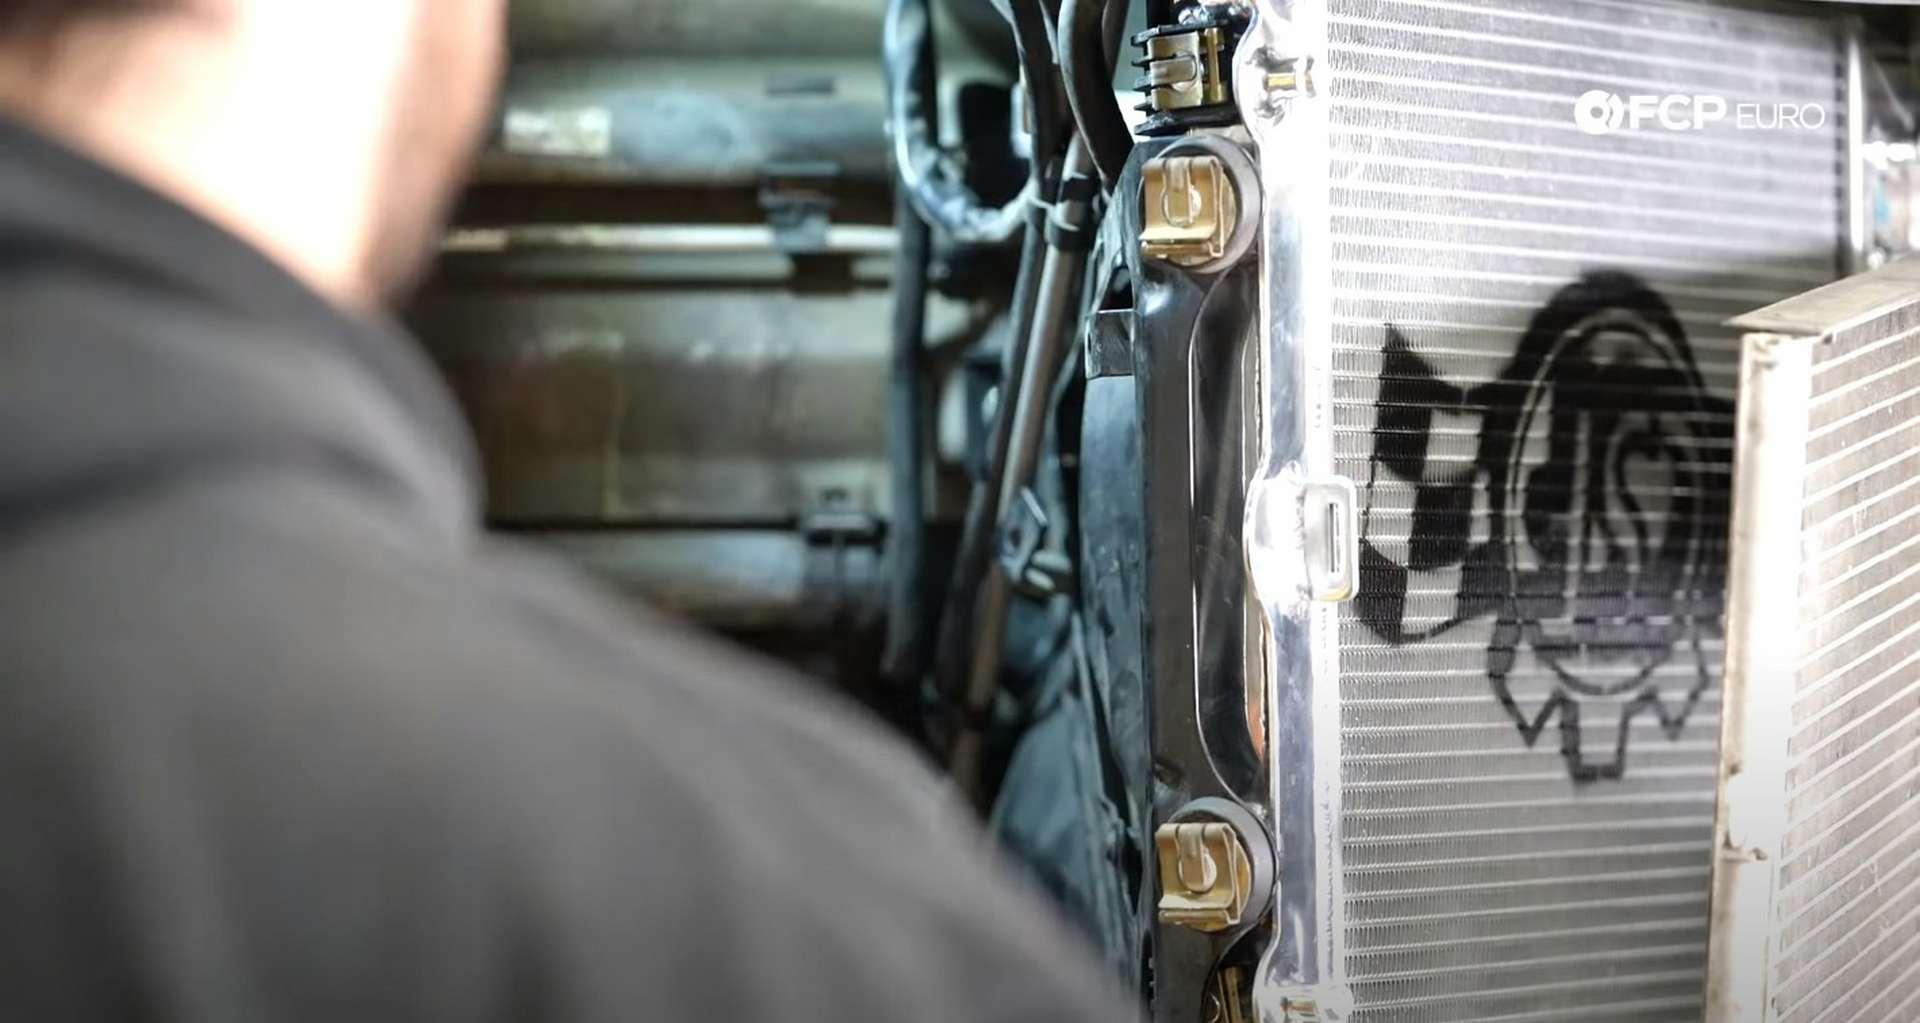 DIY Porsche 996 Radiator Replacement installed rad bracket retaining clips